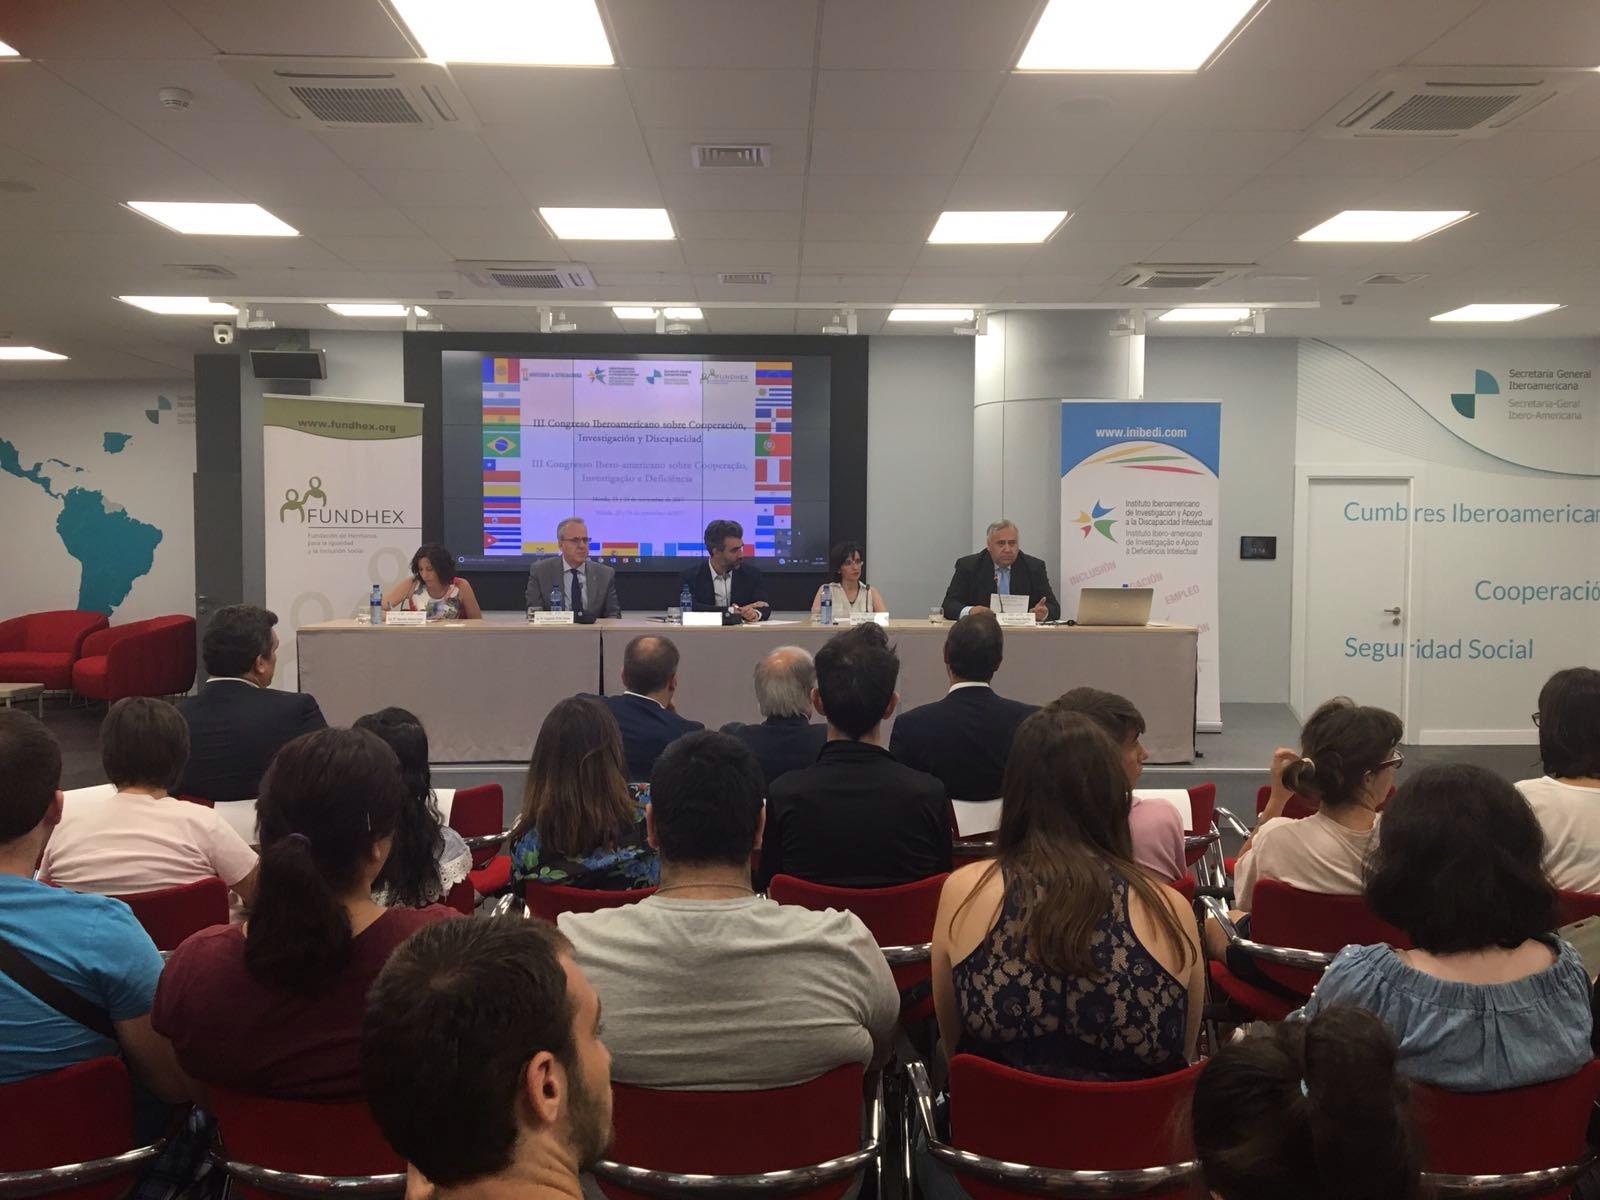 III Congreso Iberoamericano sobre Cooperación, Investigación y Discapacidad: Igualdad de género y la movilidad de las personas